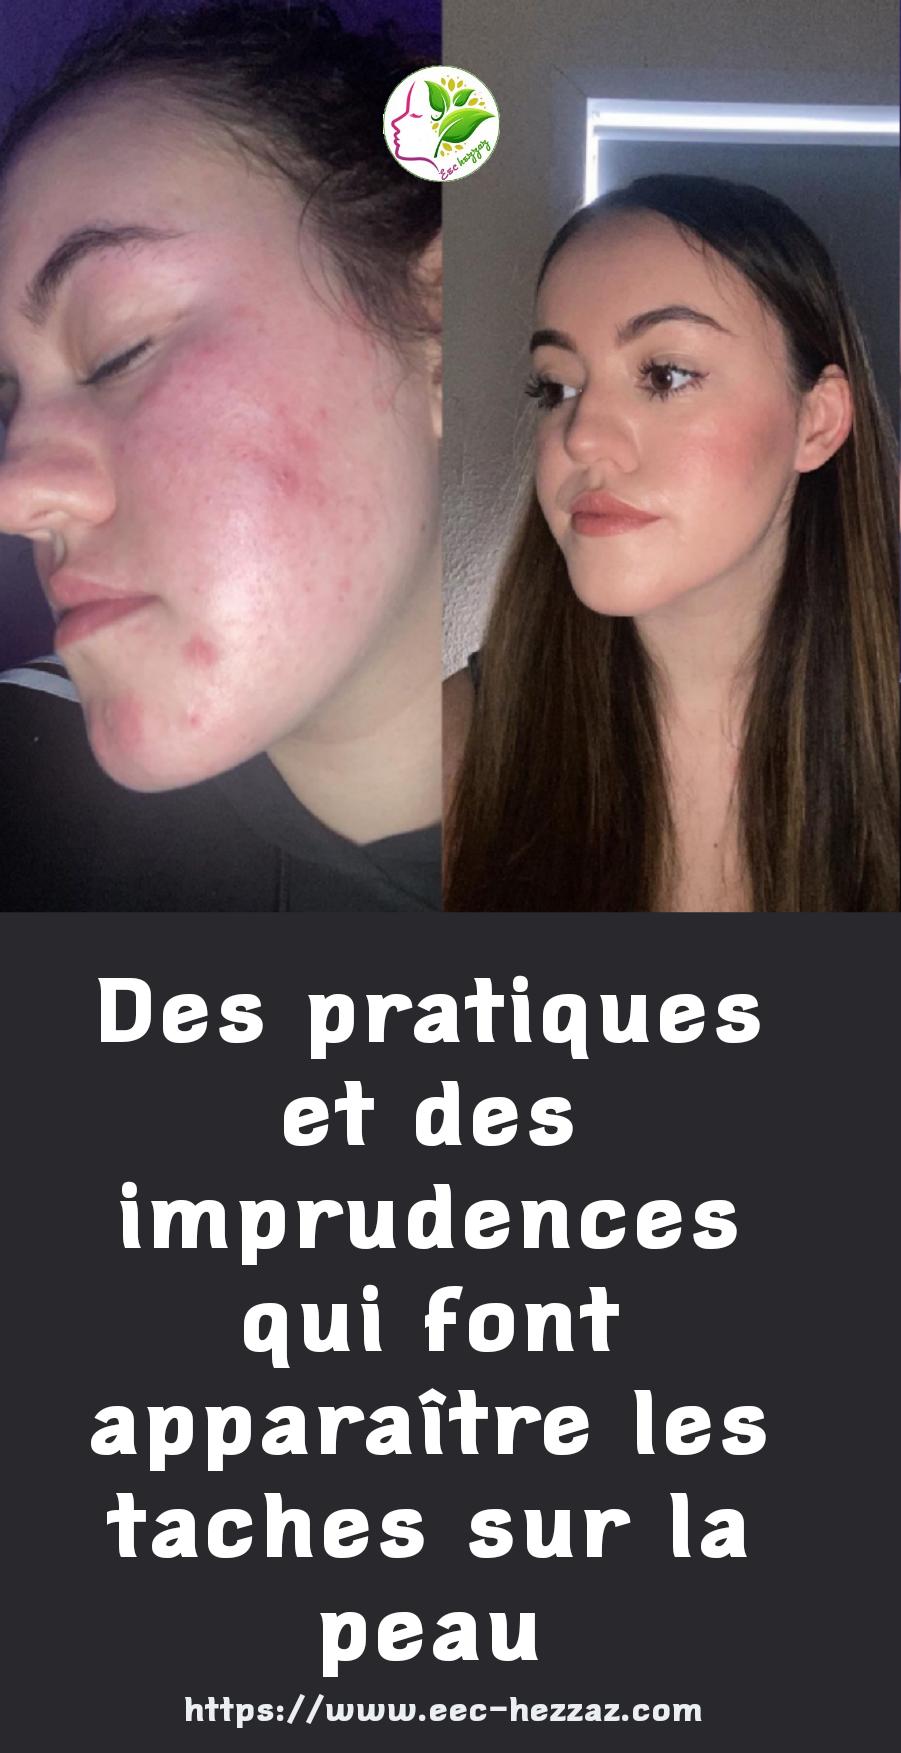 Des pratiques et des imprudences qui font apparaître les taches sur la peauDes pratiques et des imprudences qui font apparaître les taches sur la peau